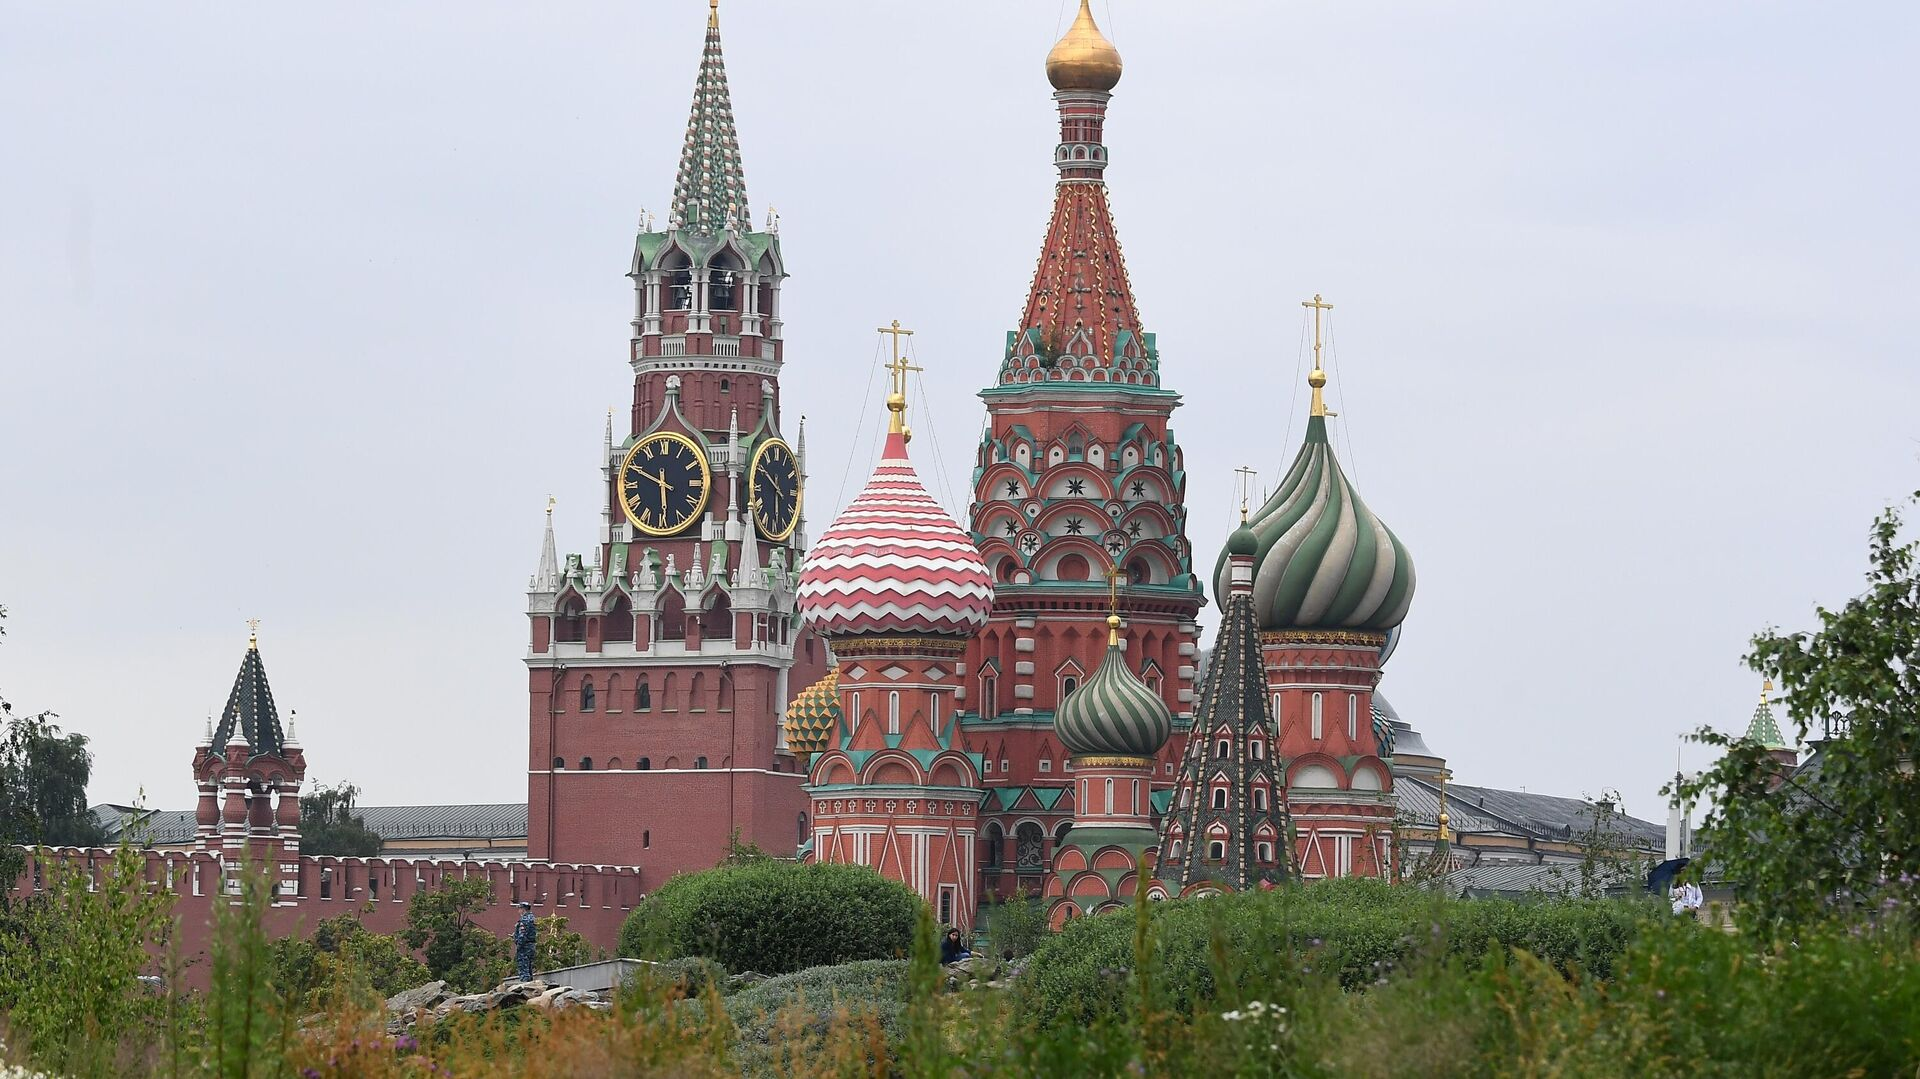 Покровский собор и Спасская башня Кремля. - Sputnik Ўзбекистон, 1920, 08.10.2021